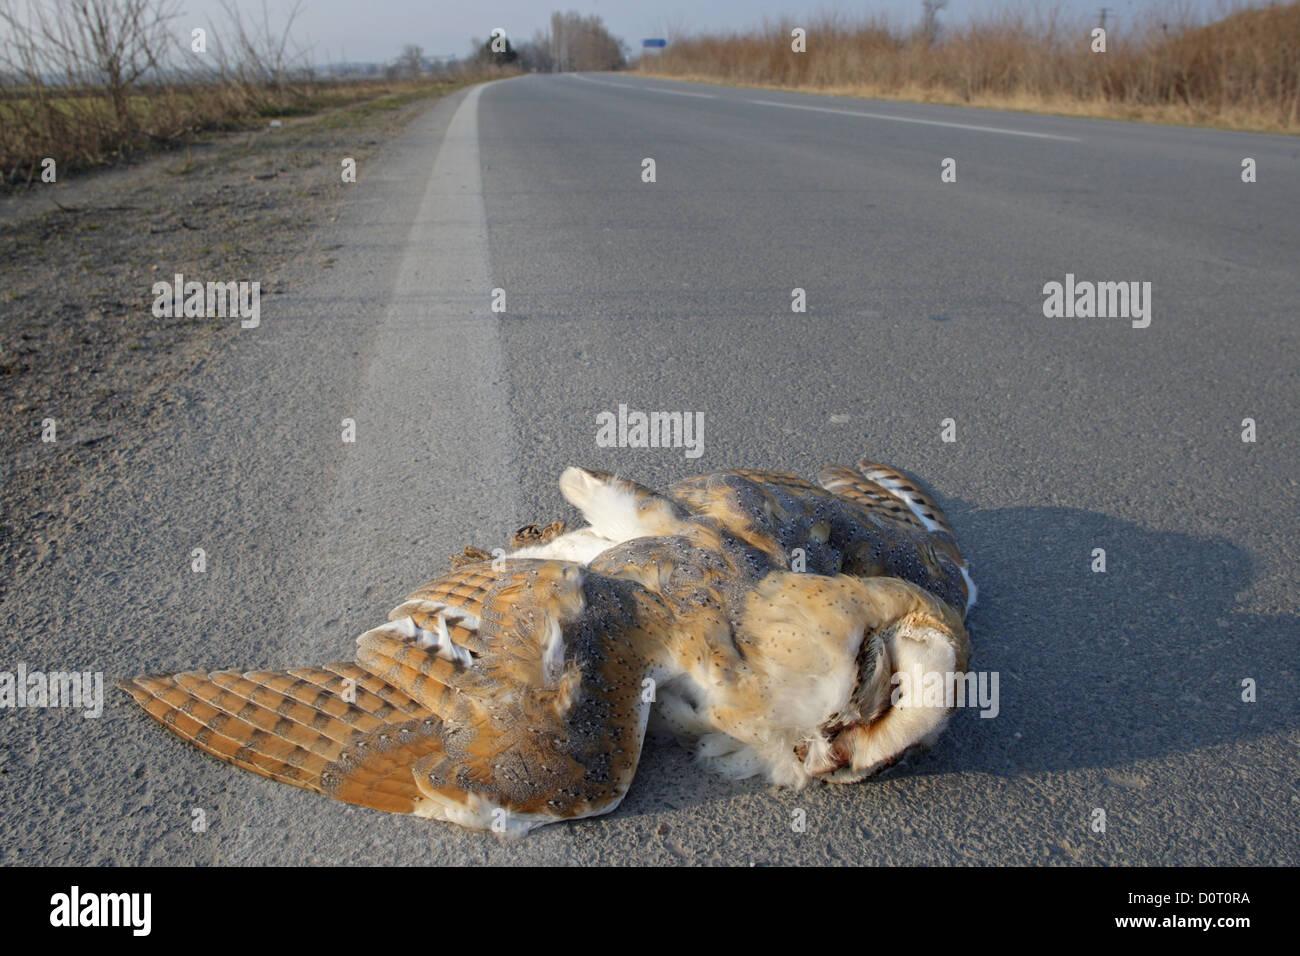 Pájaro muerto en la carretera,víctima de tráfico, Bulgaria Imagen De Stock